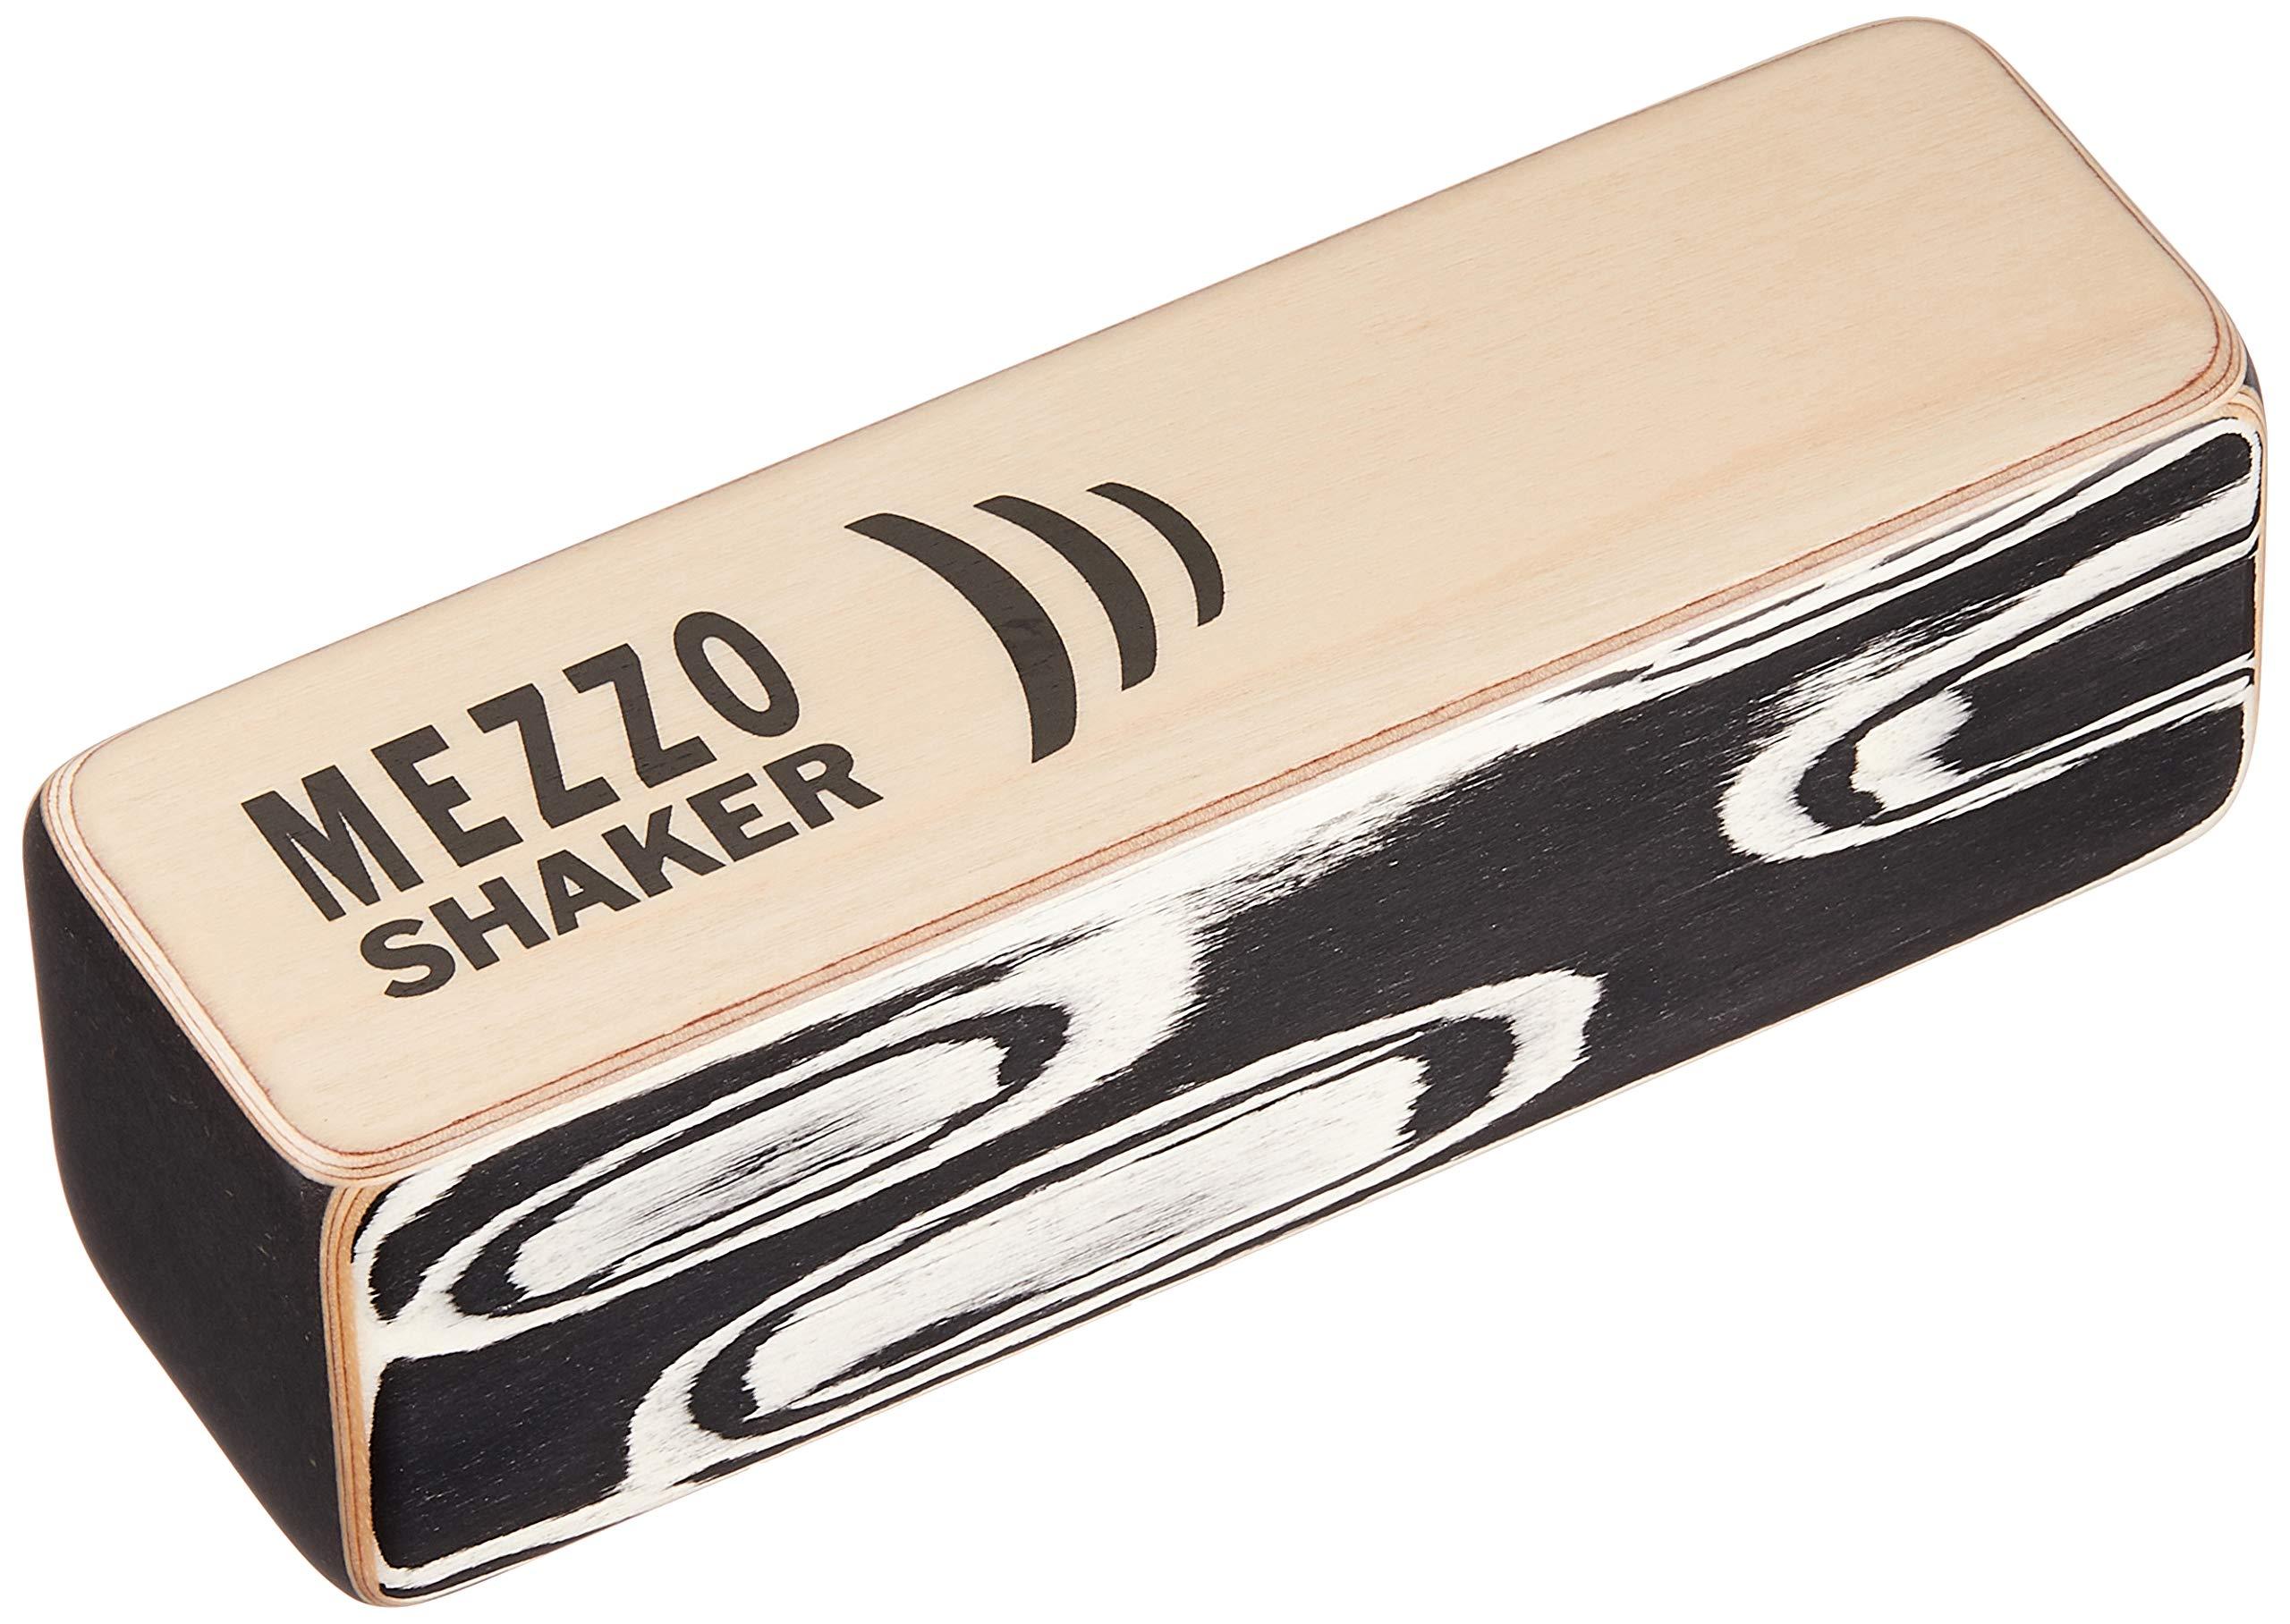 Schlagwerk SK35 Mezzo Shaker by Schlagwerk